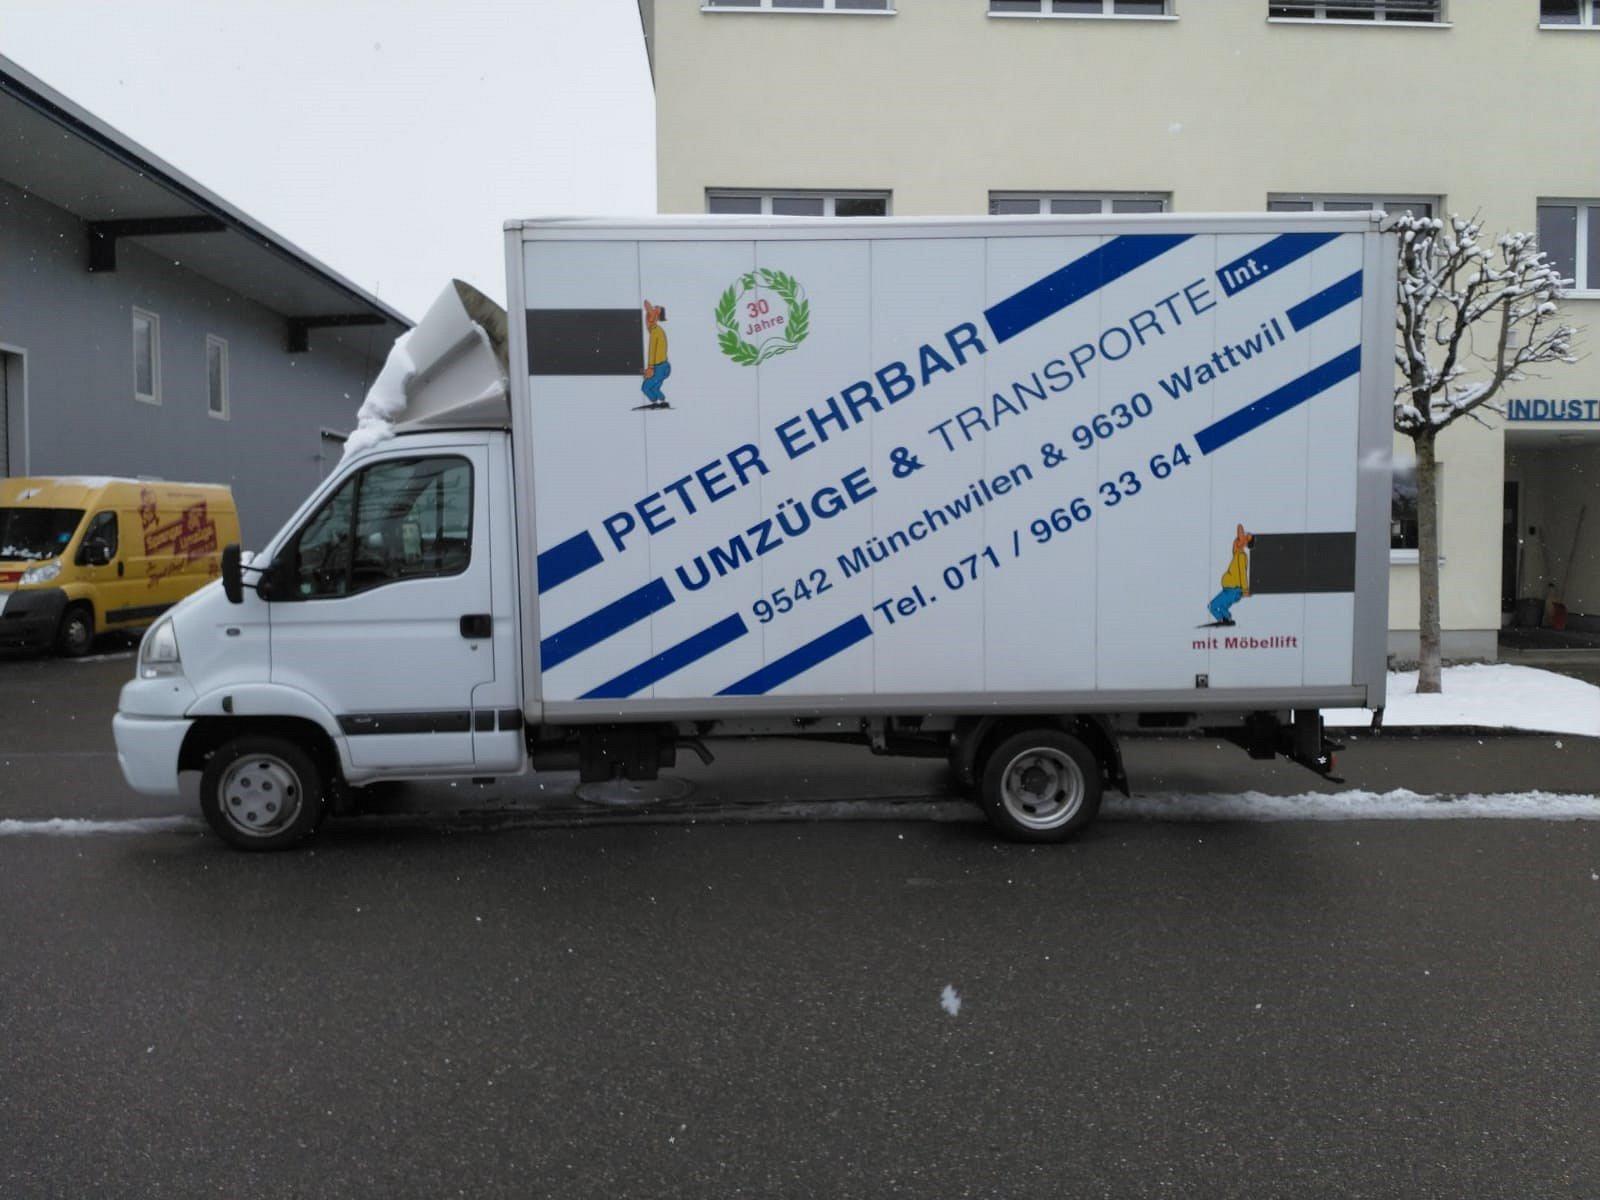 Ehrbar Umzüge - Unternehmen der Firma Sprenger Transporte AG